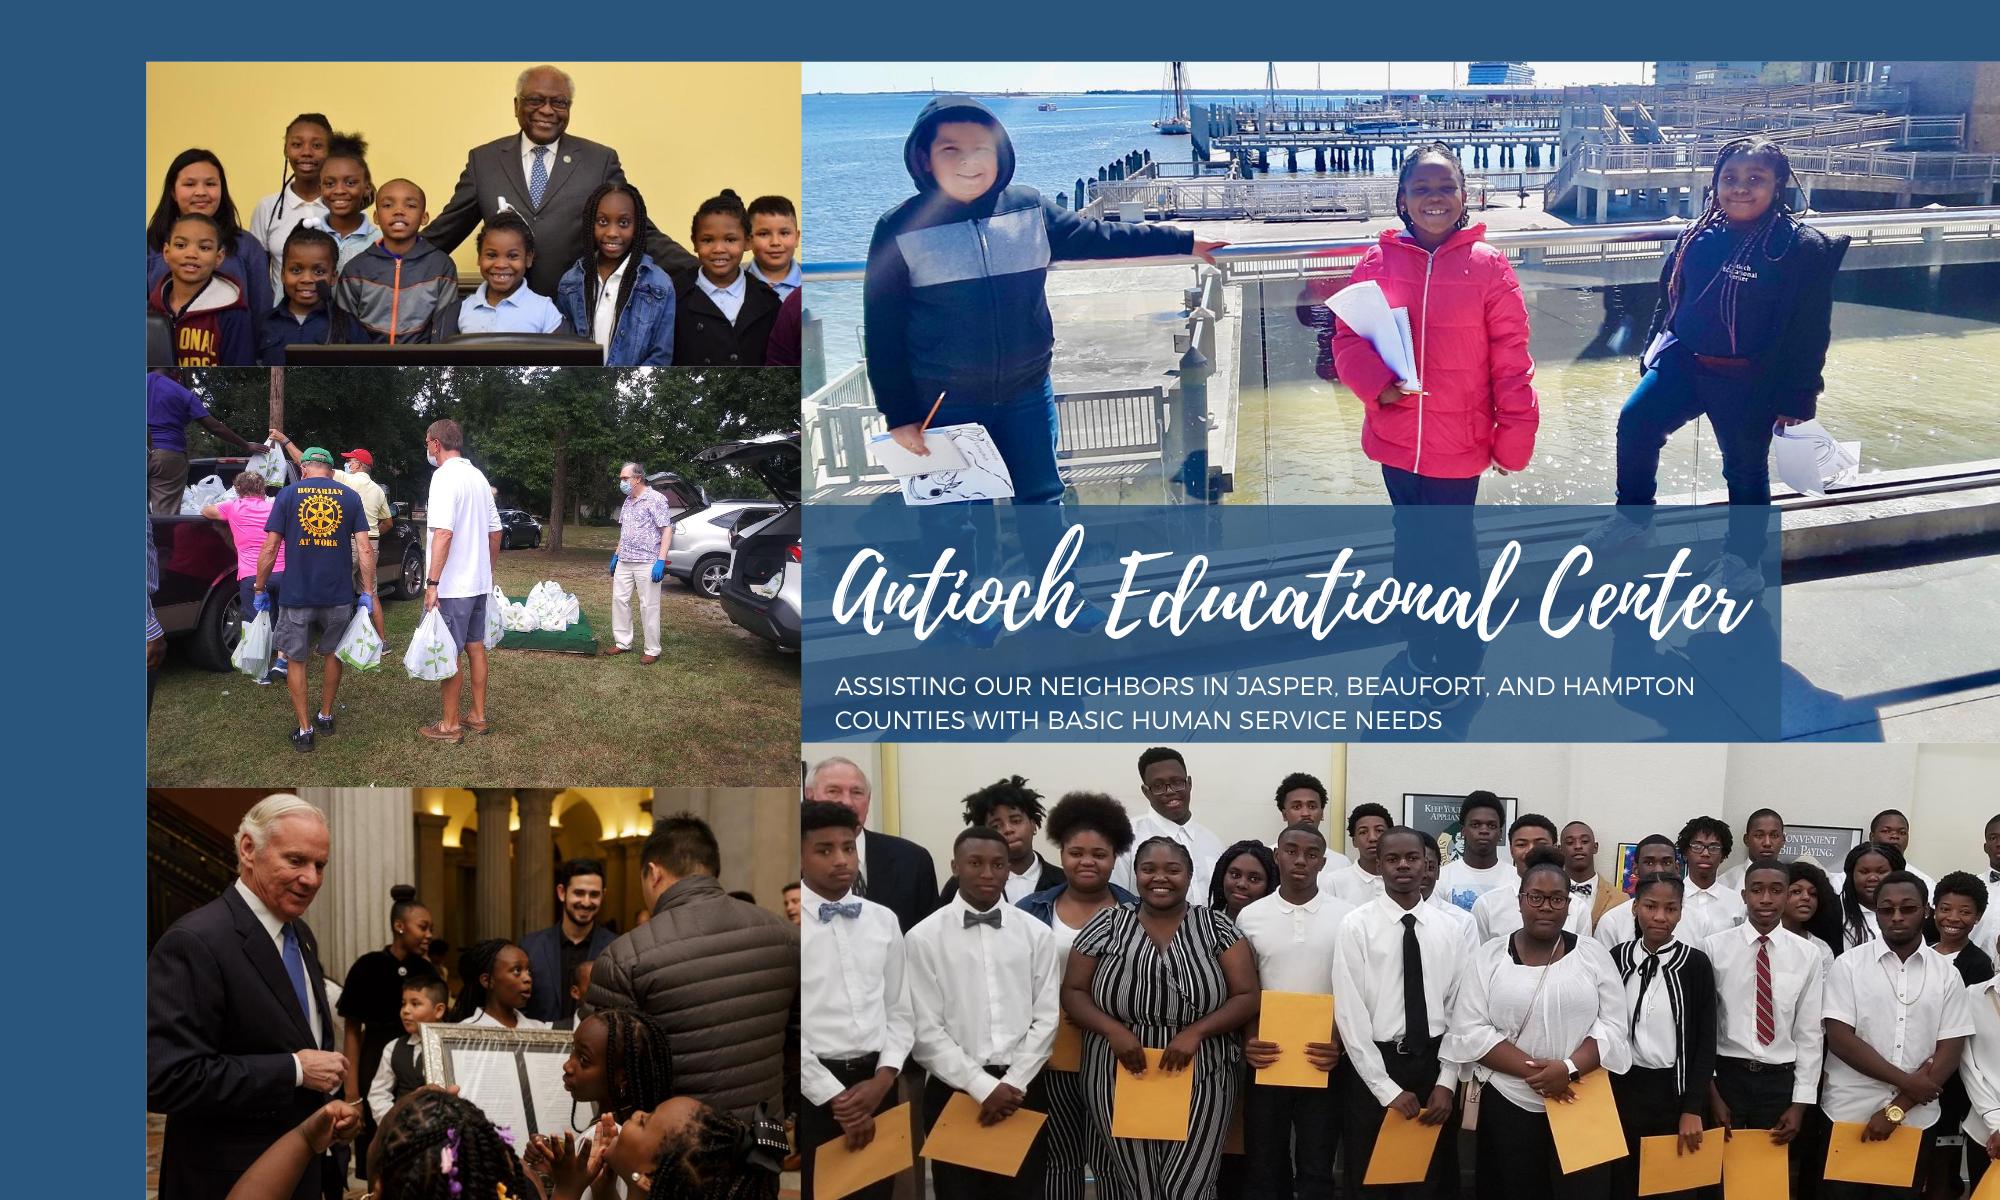 Antioch Educational Center